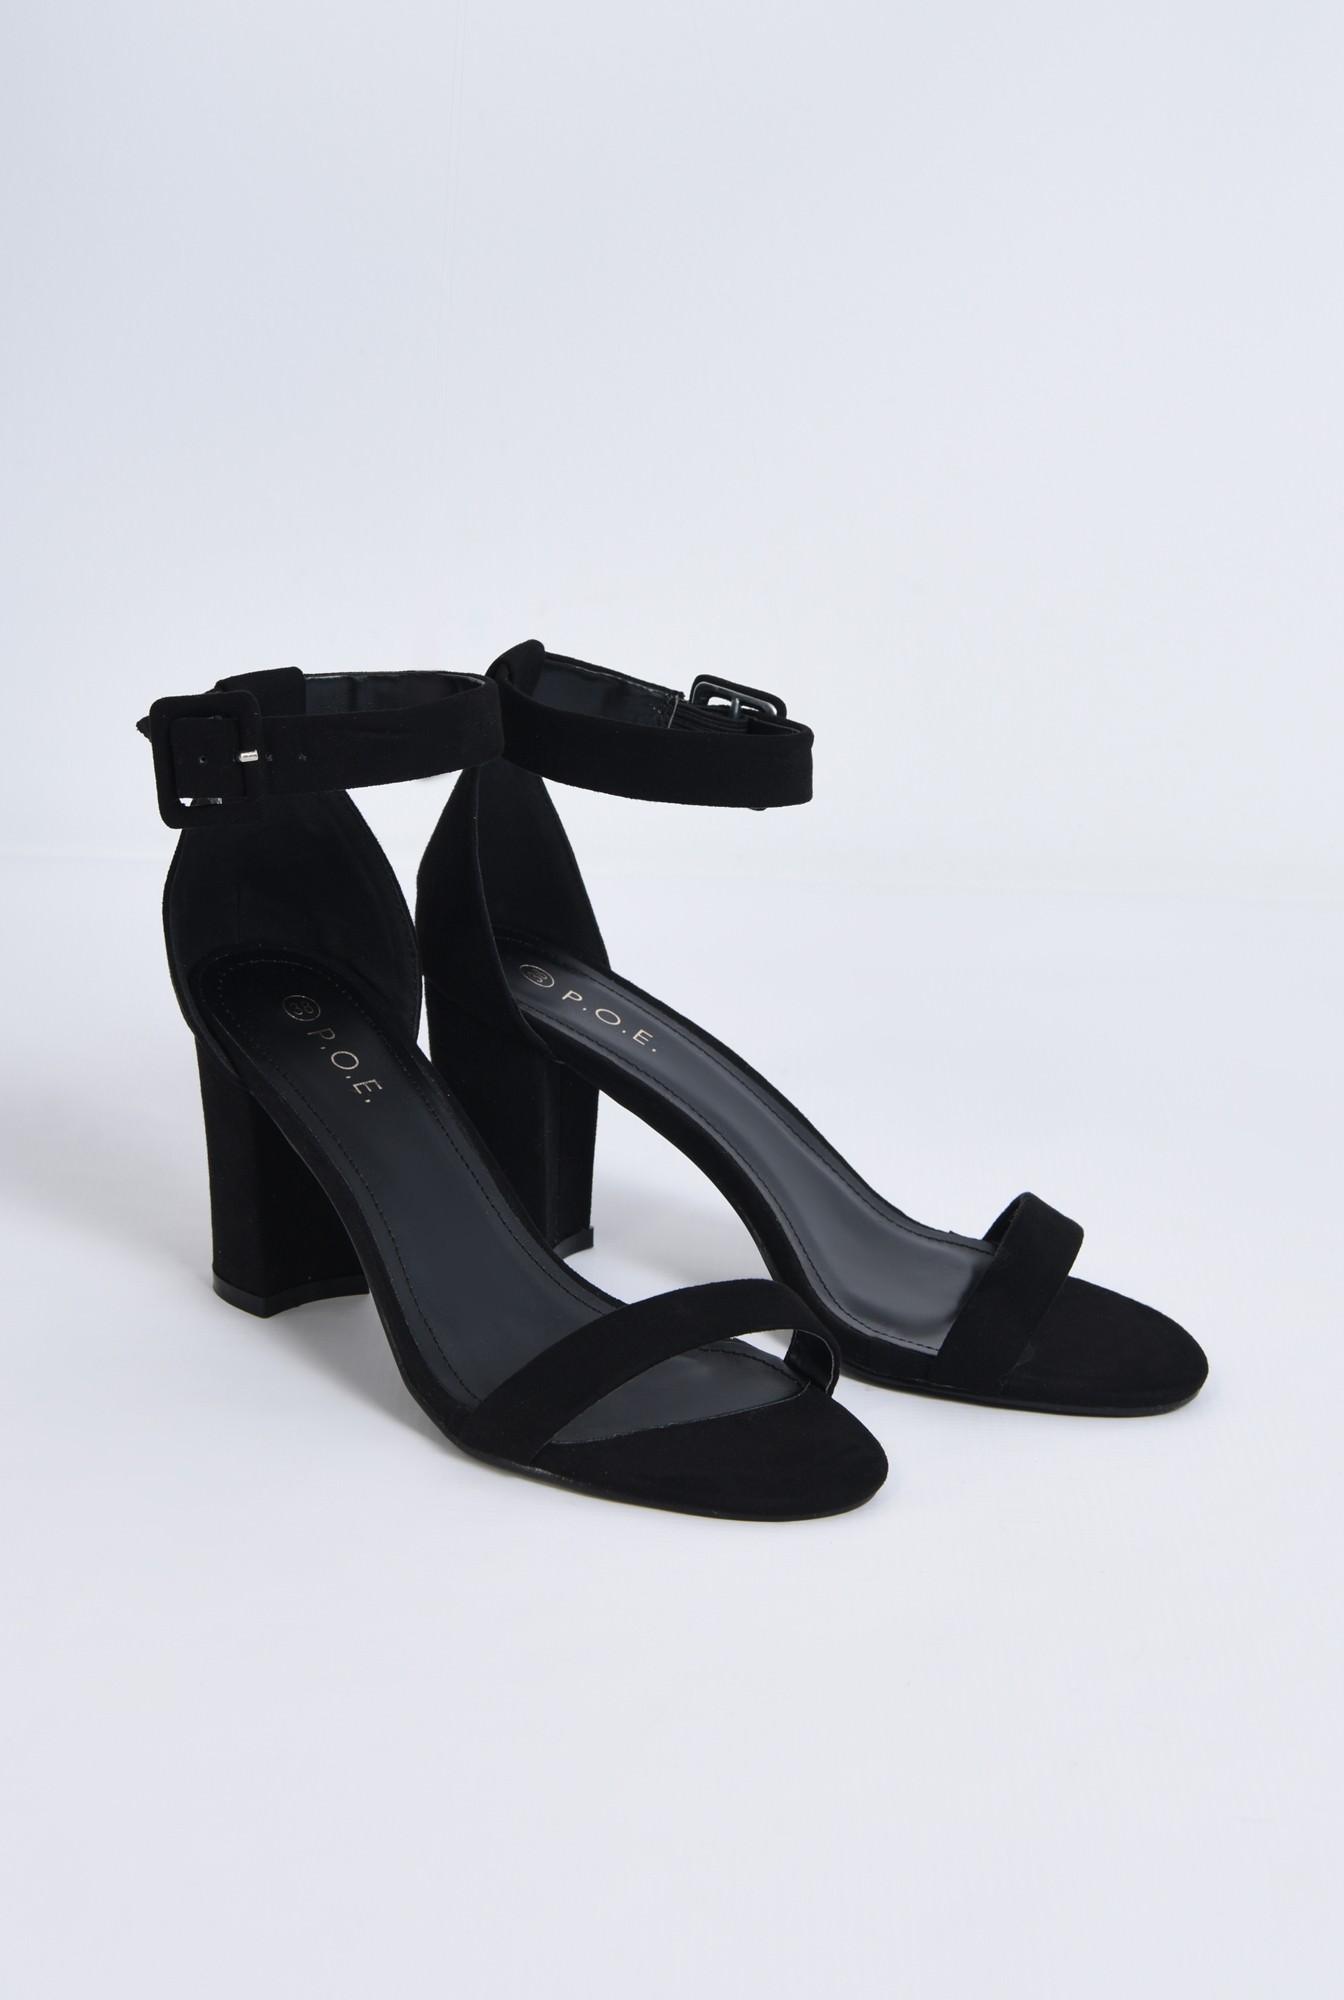 2 - sandale dama, piele ecologica